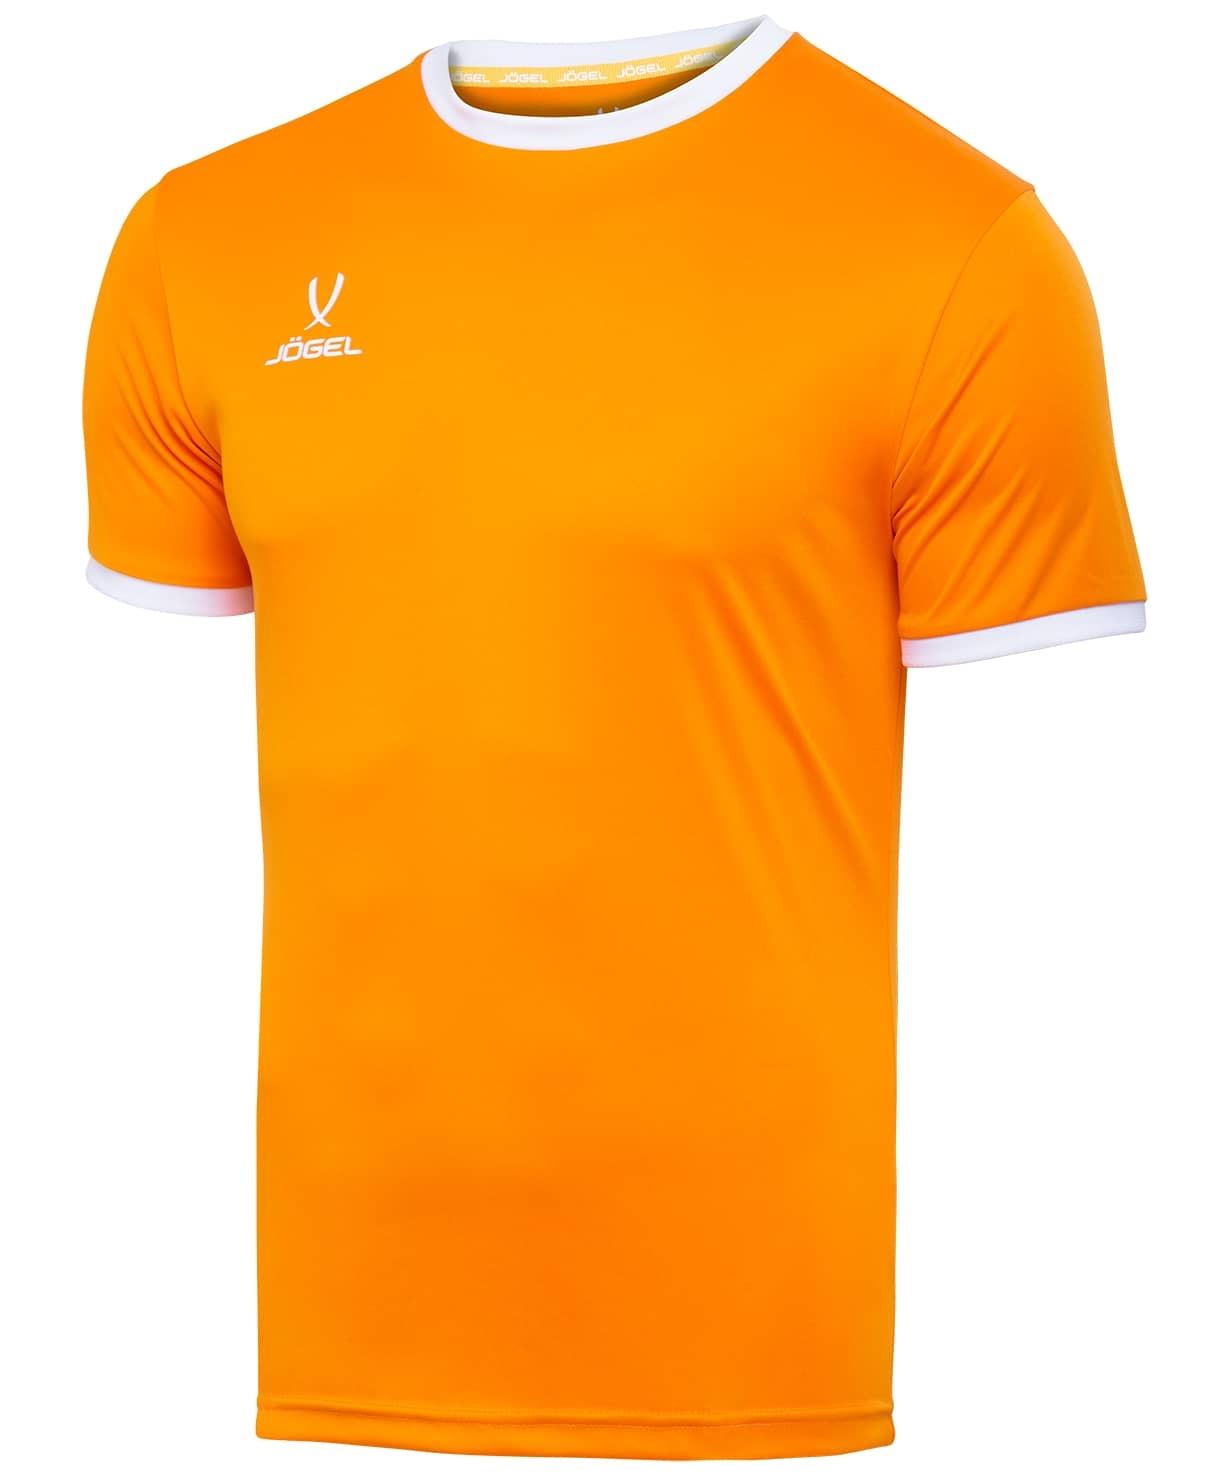 Футболка футбольная CAMP Origin JFT-1020-O1, оранжевый/белый